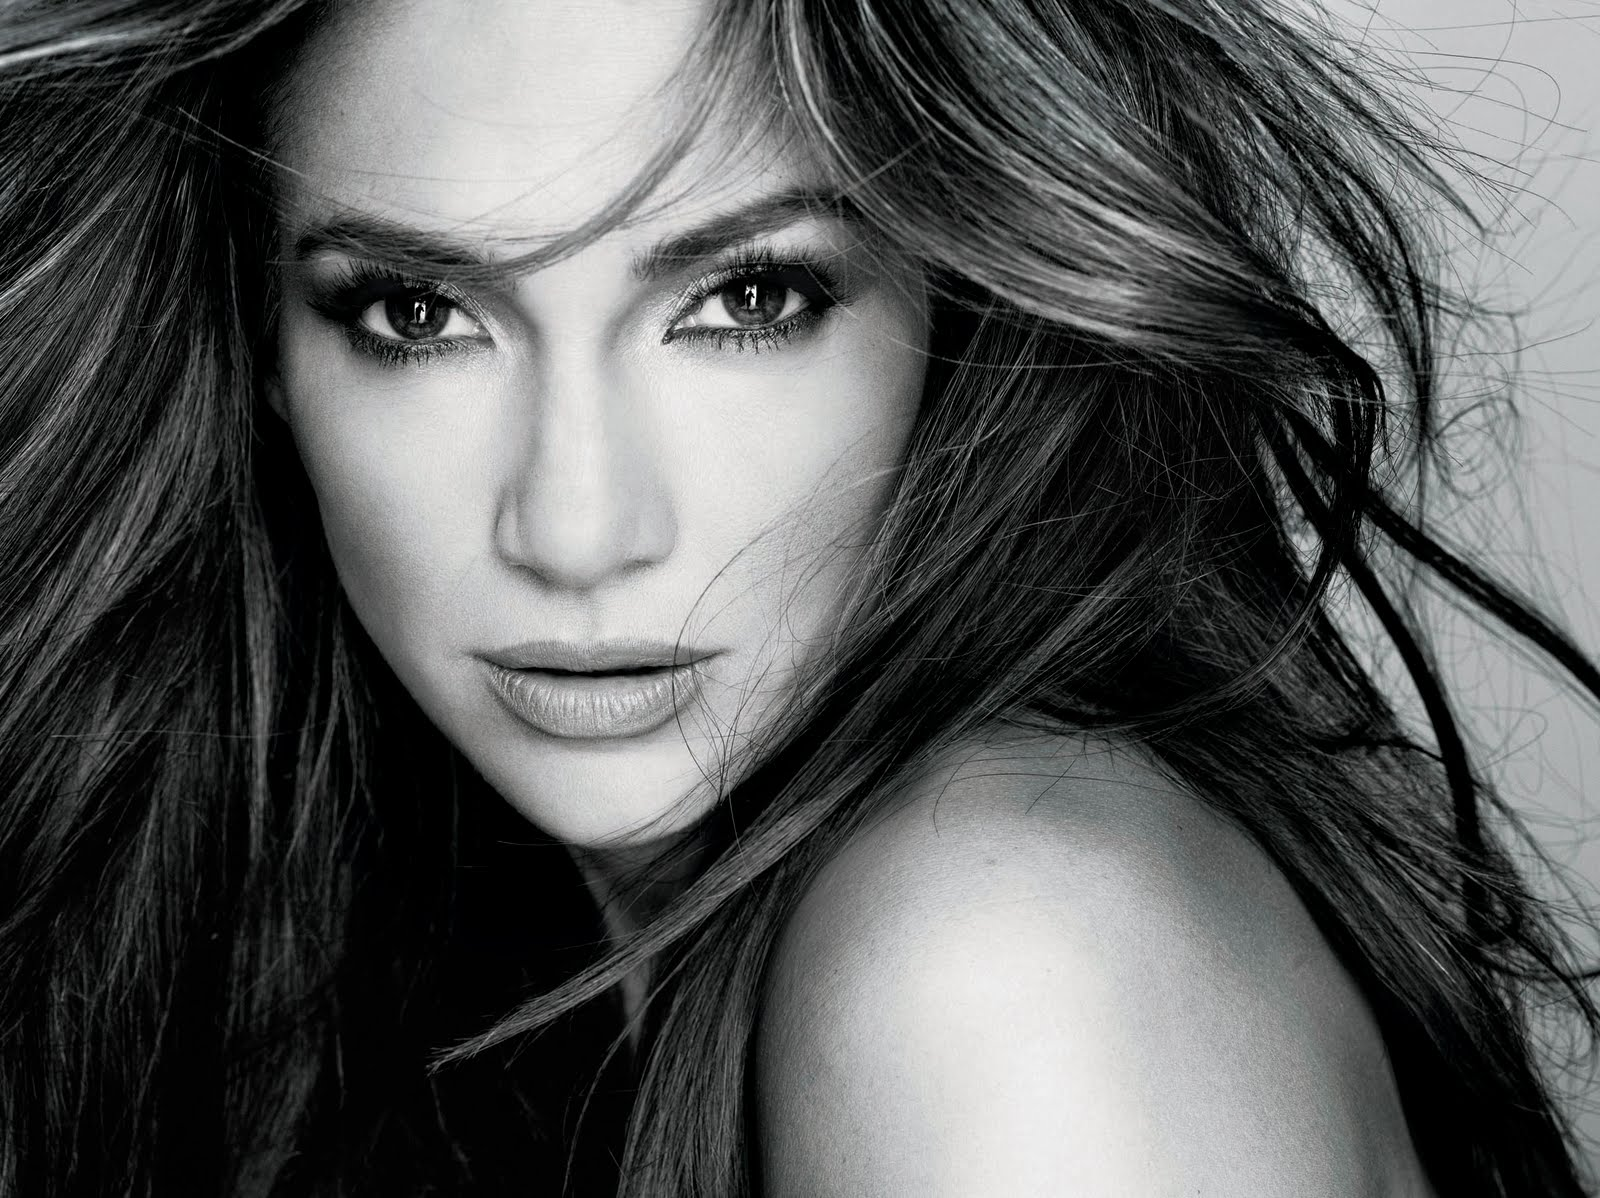 http://4.bp.blogspot.com/_mu-qWX5rgMQ/TTilD7u6d_I/AAAAAAAAA0k/nWz8TiWoKrI/s1600/Jennifer_Lopez.jpg